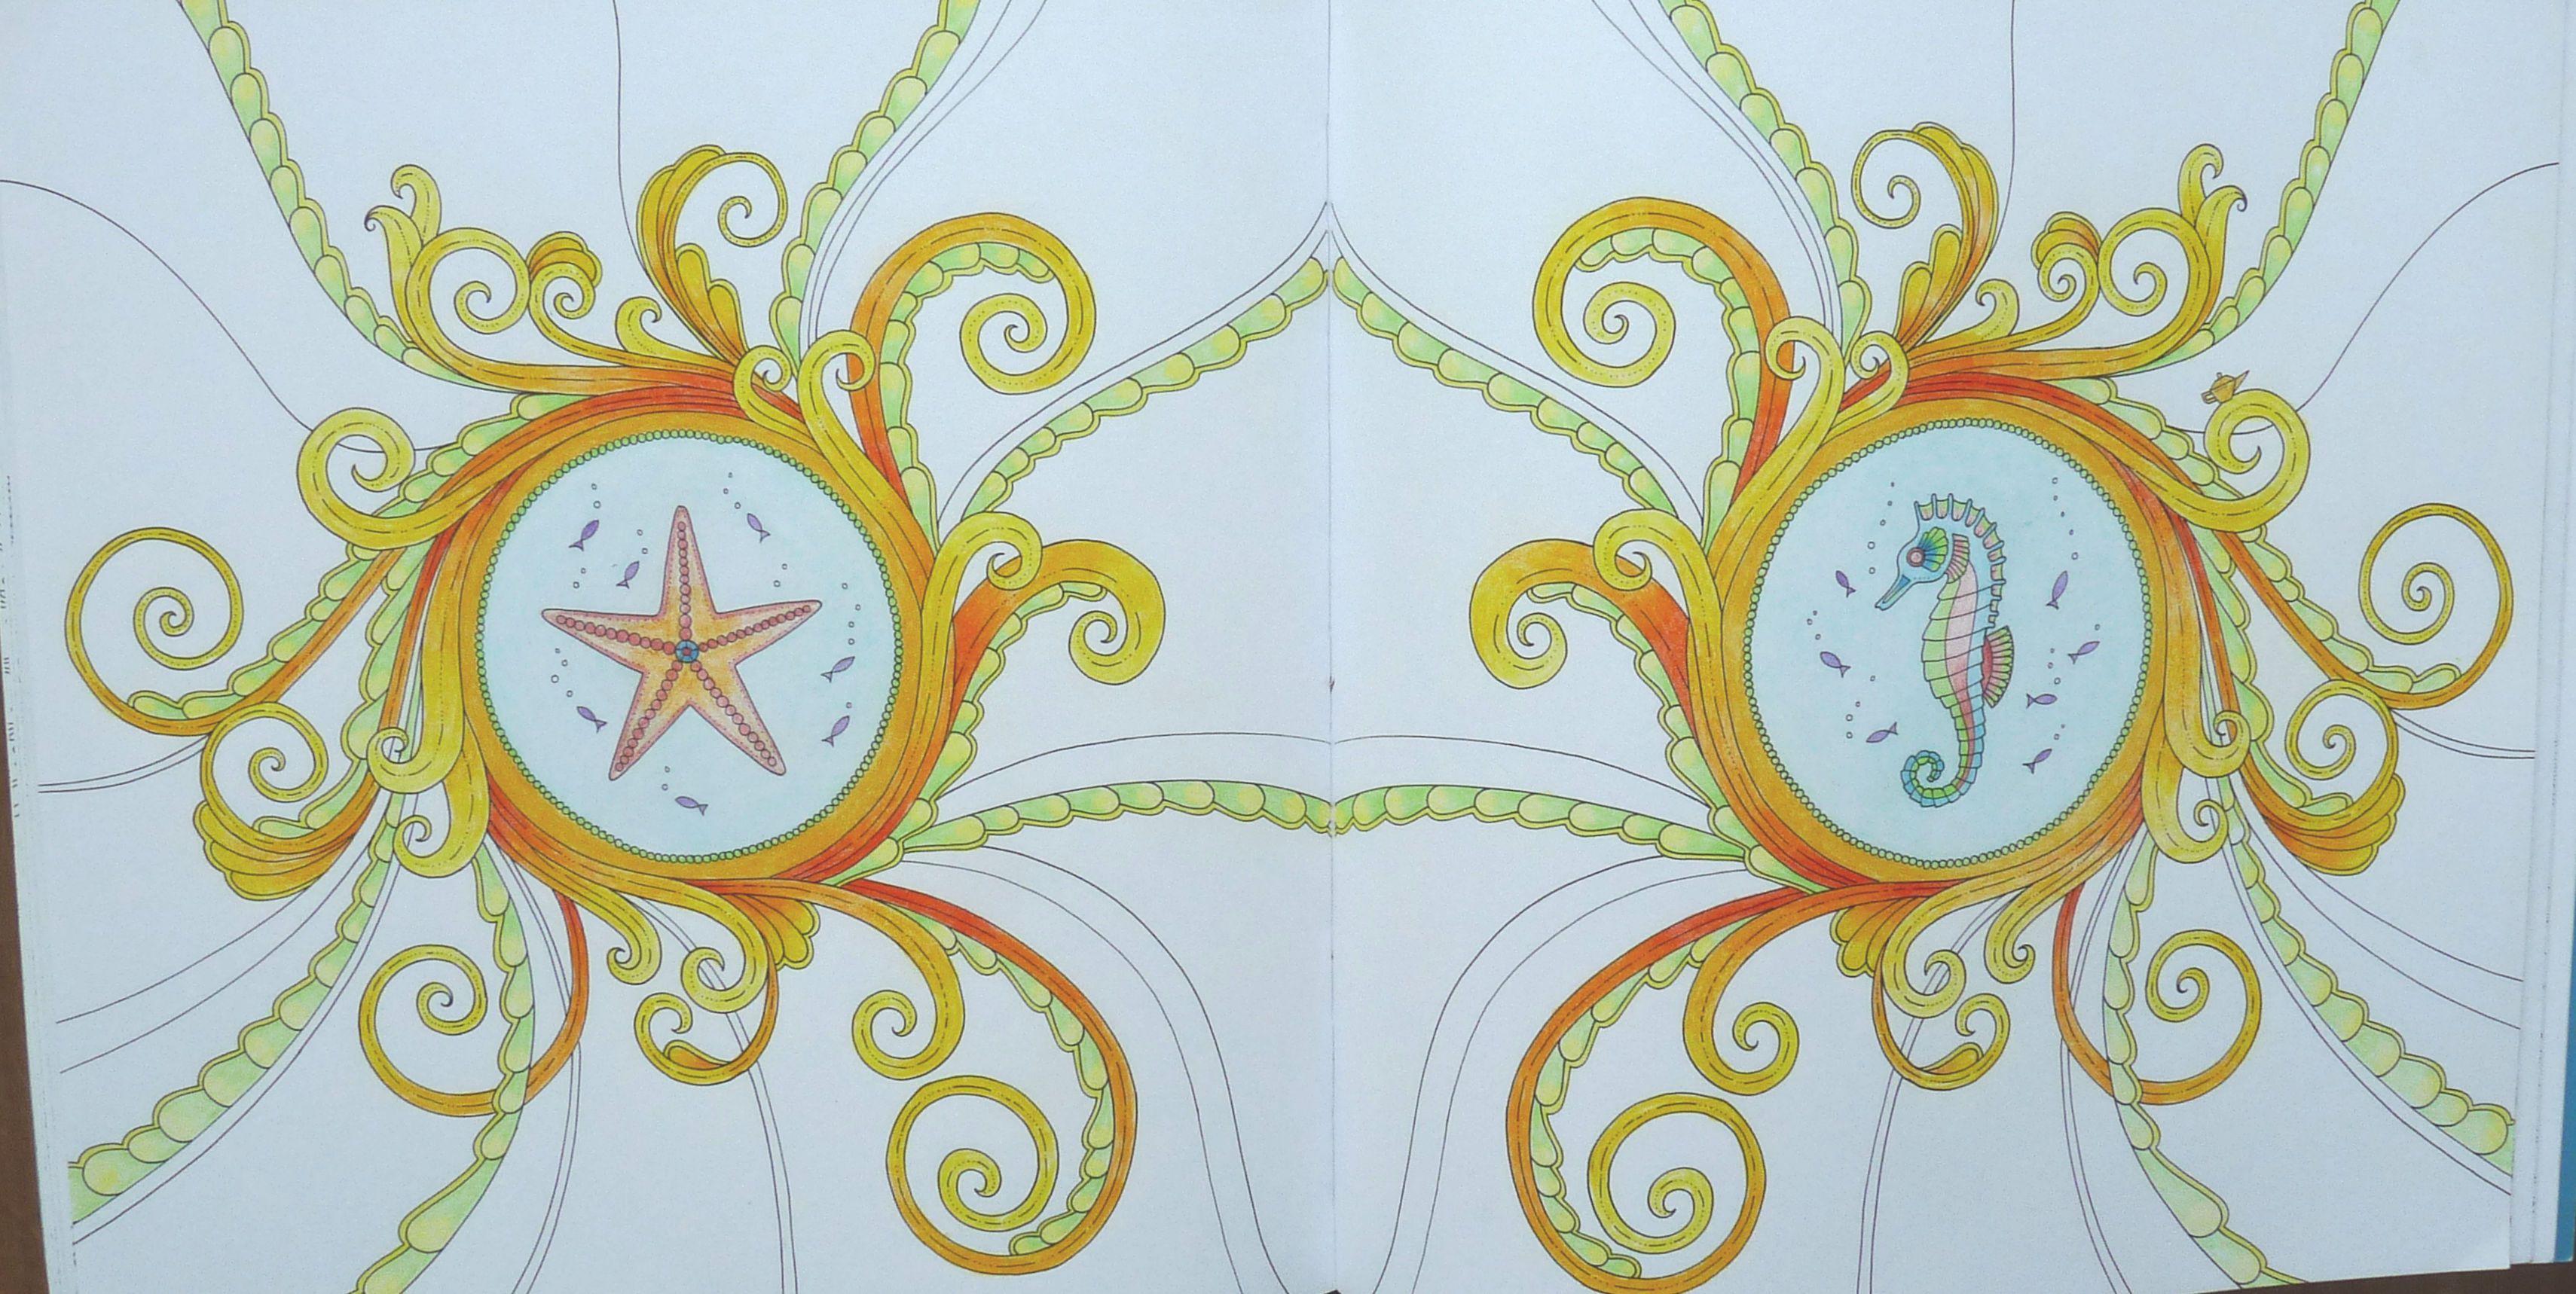 Uit het boek Magical Jungle van Johanna Basford. - From the book Magical Jungle from Johanna Basford. - Gekleurd door Adri. Colored by Adri.